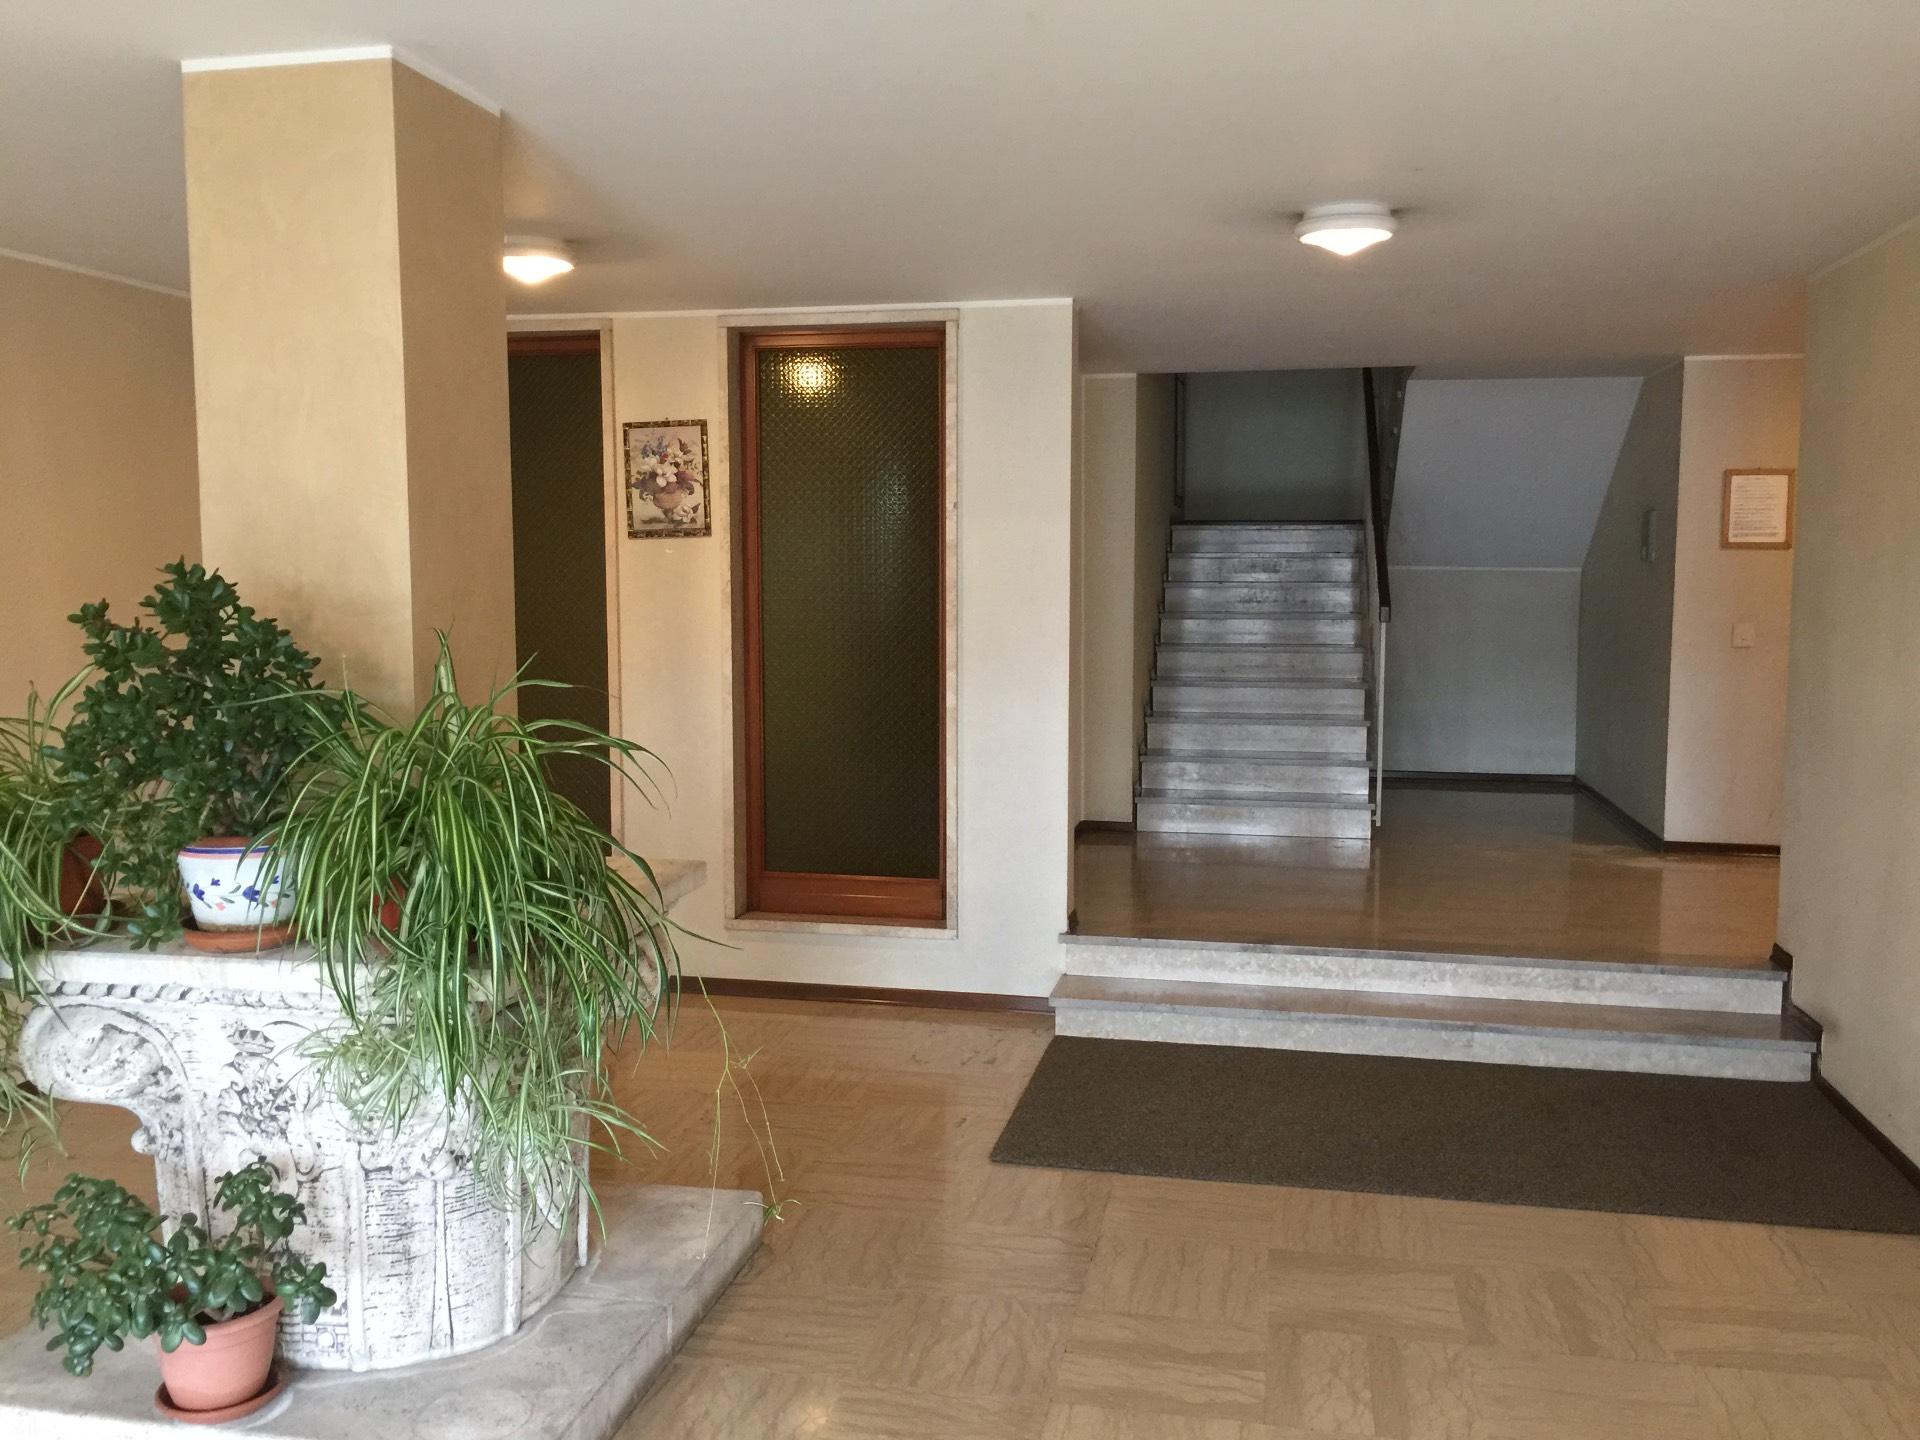 vendita appartamento conegliano   90000 euro  5 locali  95 mq